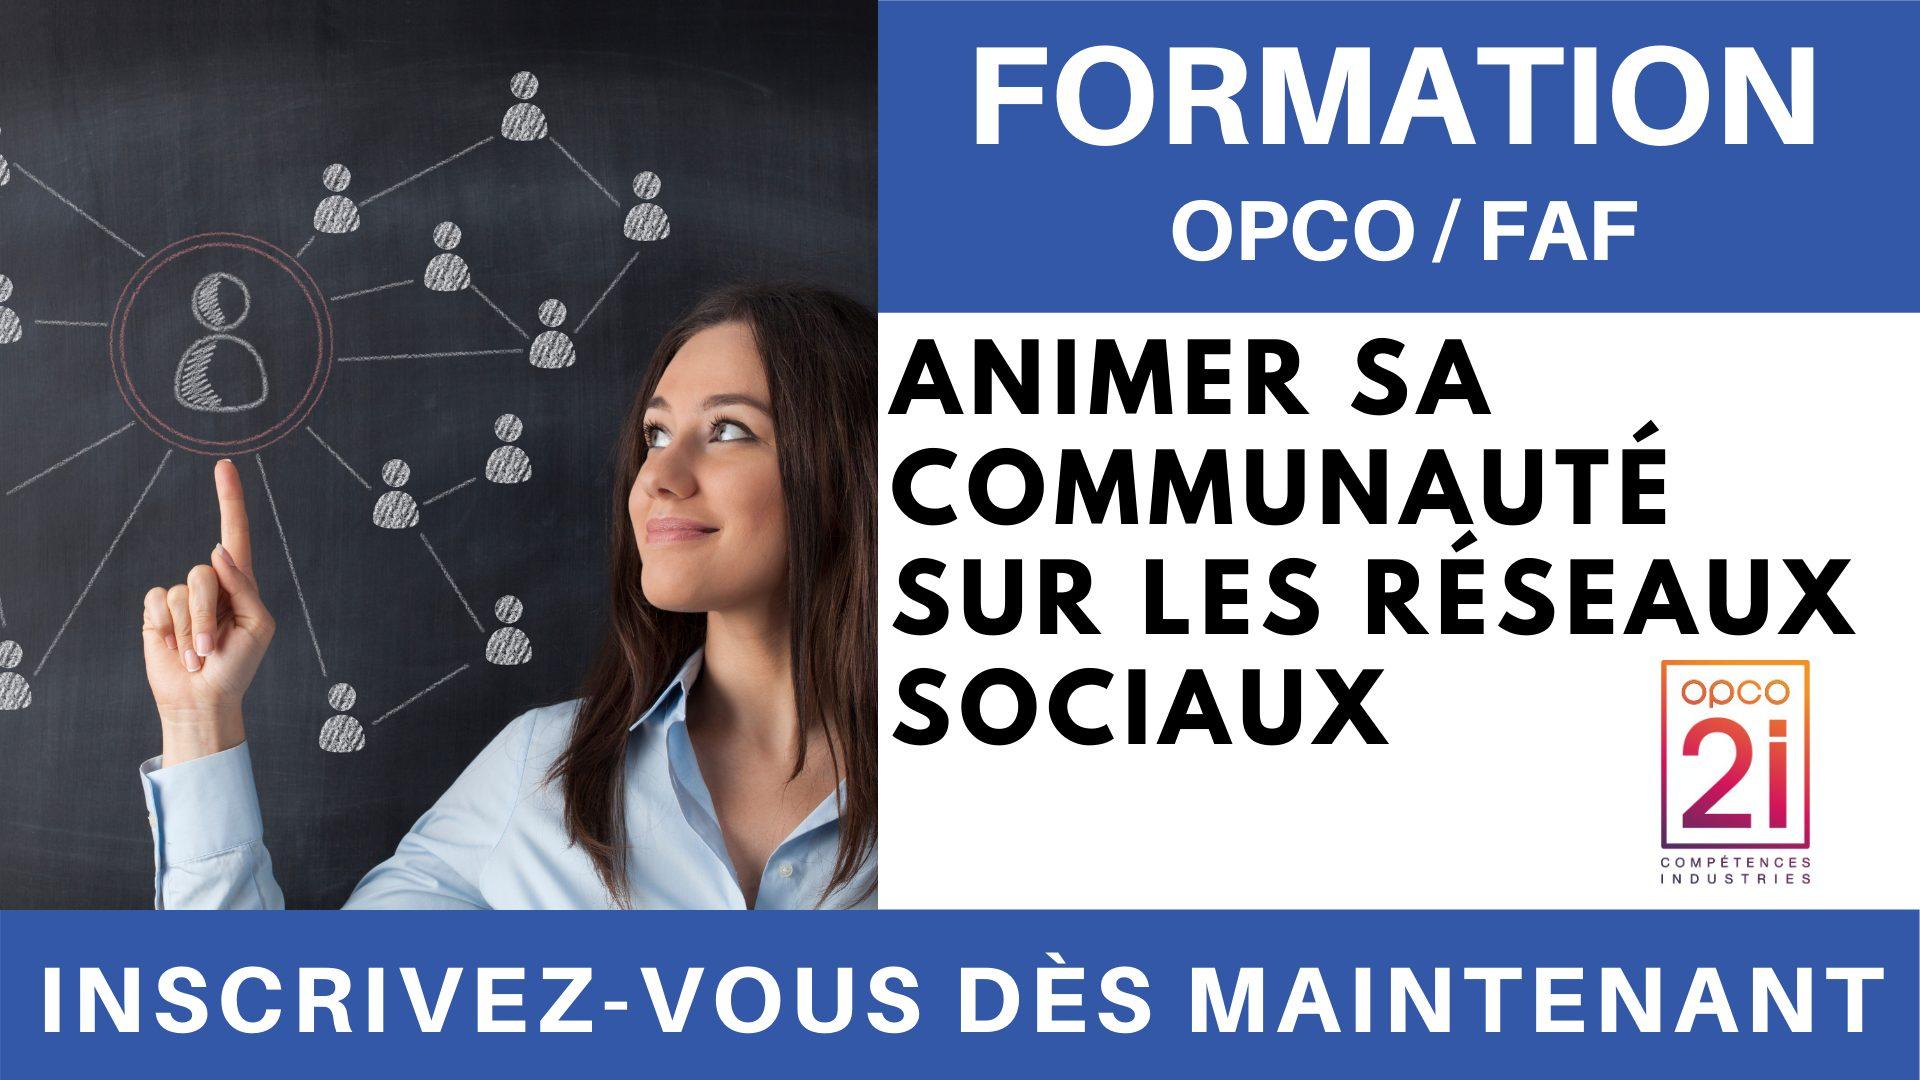 Formation OPCO FAF - COMMUNITY MANAGEMENT - Animer sa communauté sur les réseaux sociaux